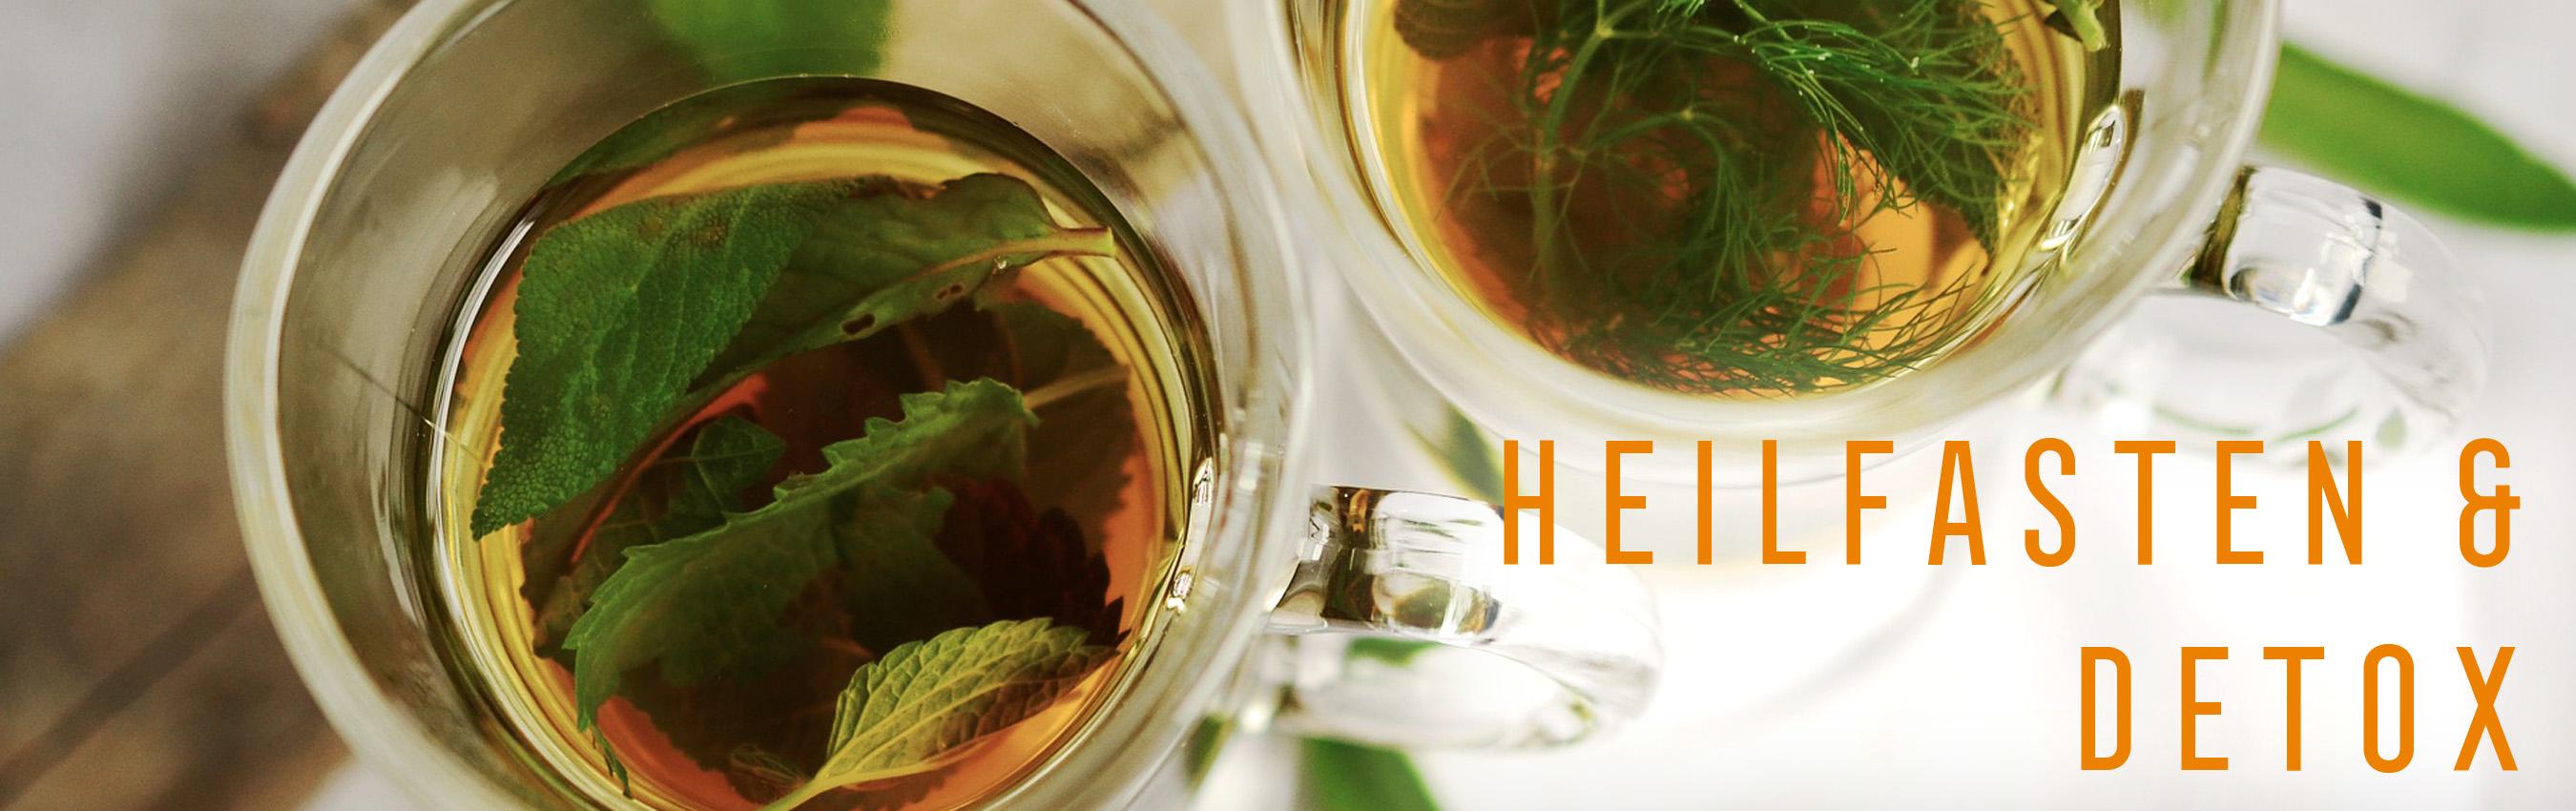 Heilfasten & Detox mit Dr. Gabriela Hoppe | Erfolg durch Ernährung | Ernährungsspezialistin & Heilpraktikerin - Hintergrundbild by Pixabay